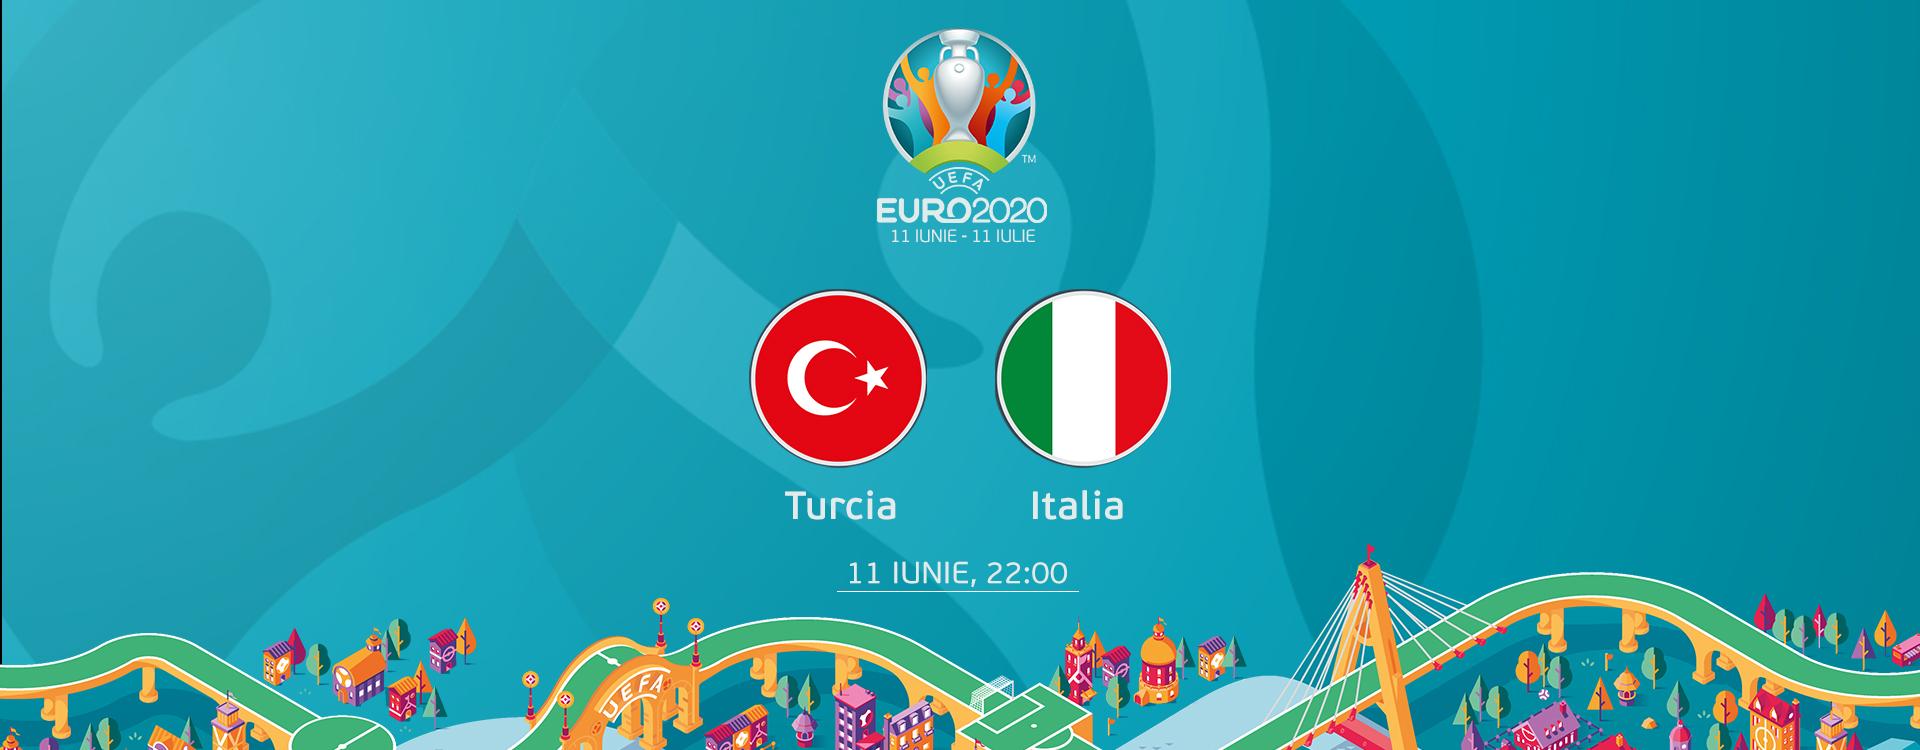 PRO TV a fost lider de audiență cu prima partidă de la EURO 2020, Italia-Turcia: 3-0